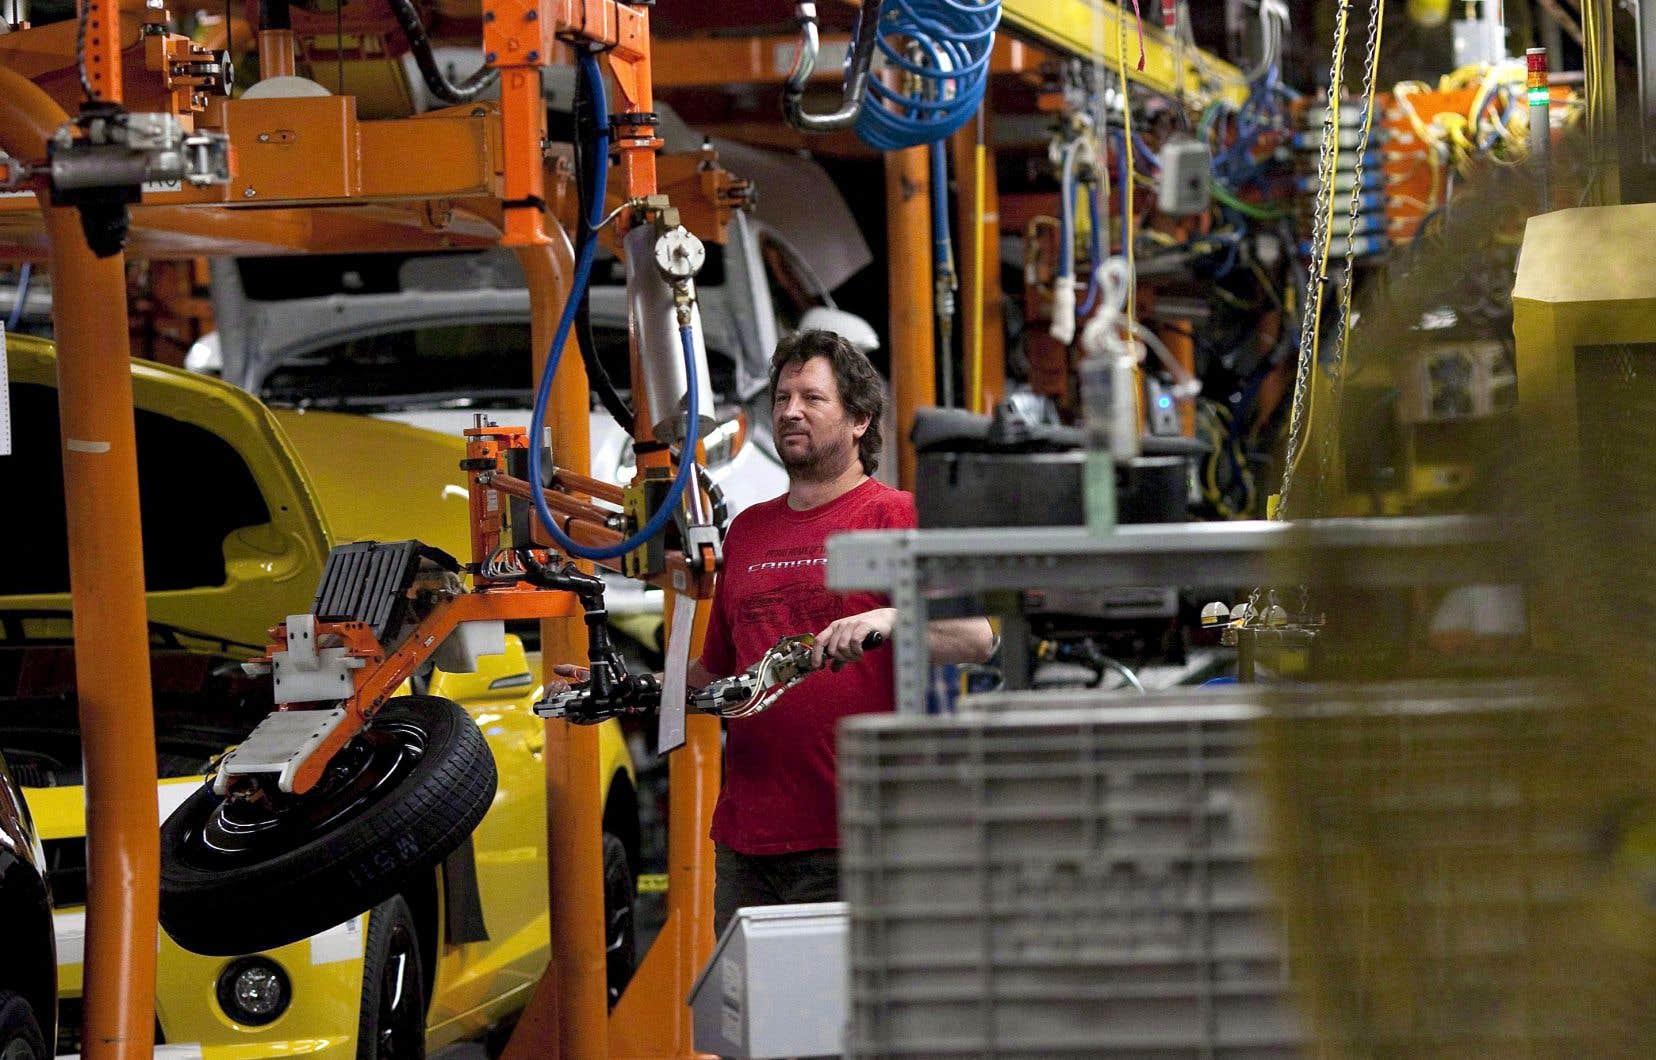 L'industrie automobile serait plus touchée que les autres, puisque la production est très intégrée entre le Canada, les États-Unis et le Mexique.